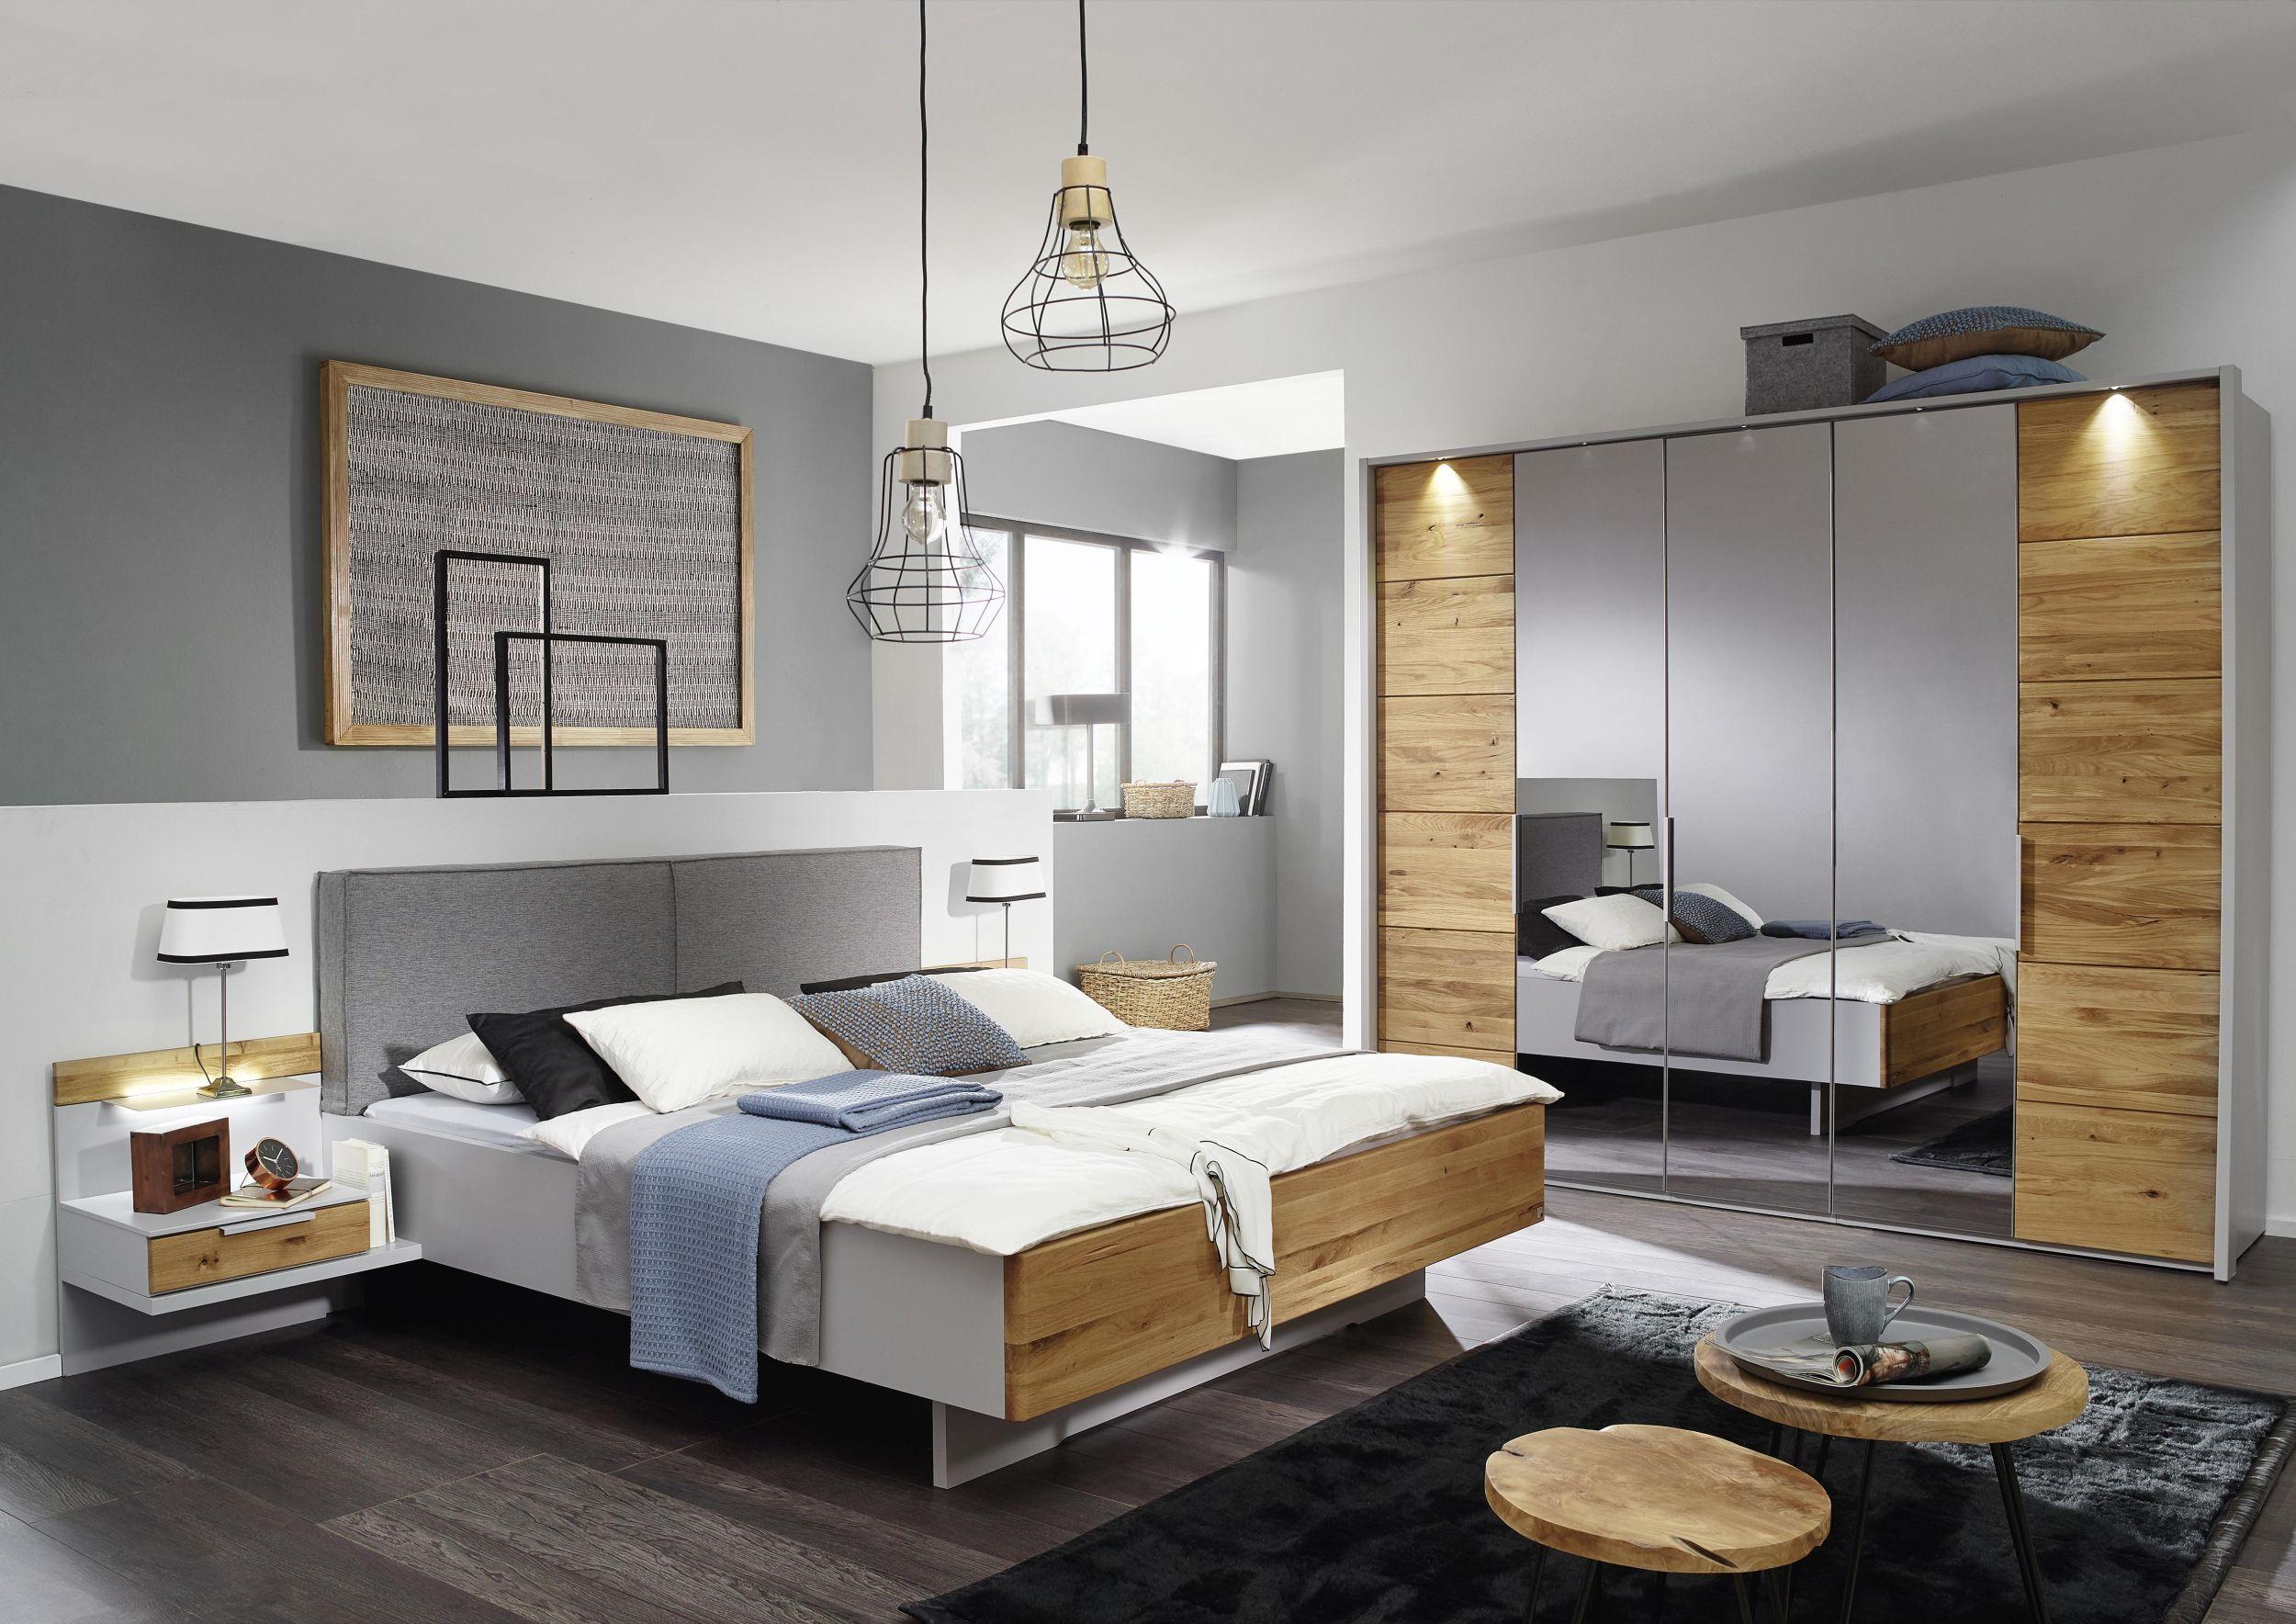 Full Size of Schlafzimmer Komplett Mit 5 Trigen Kleiderschrank In Grau Und Kommode Weiß Deckenlampe Günstige Stuhl Kronleuchter Set Günstig Komplette Deko Für Betten Wohnzimmer Schlafzimmer Komplett